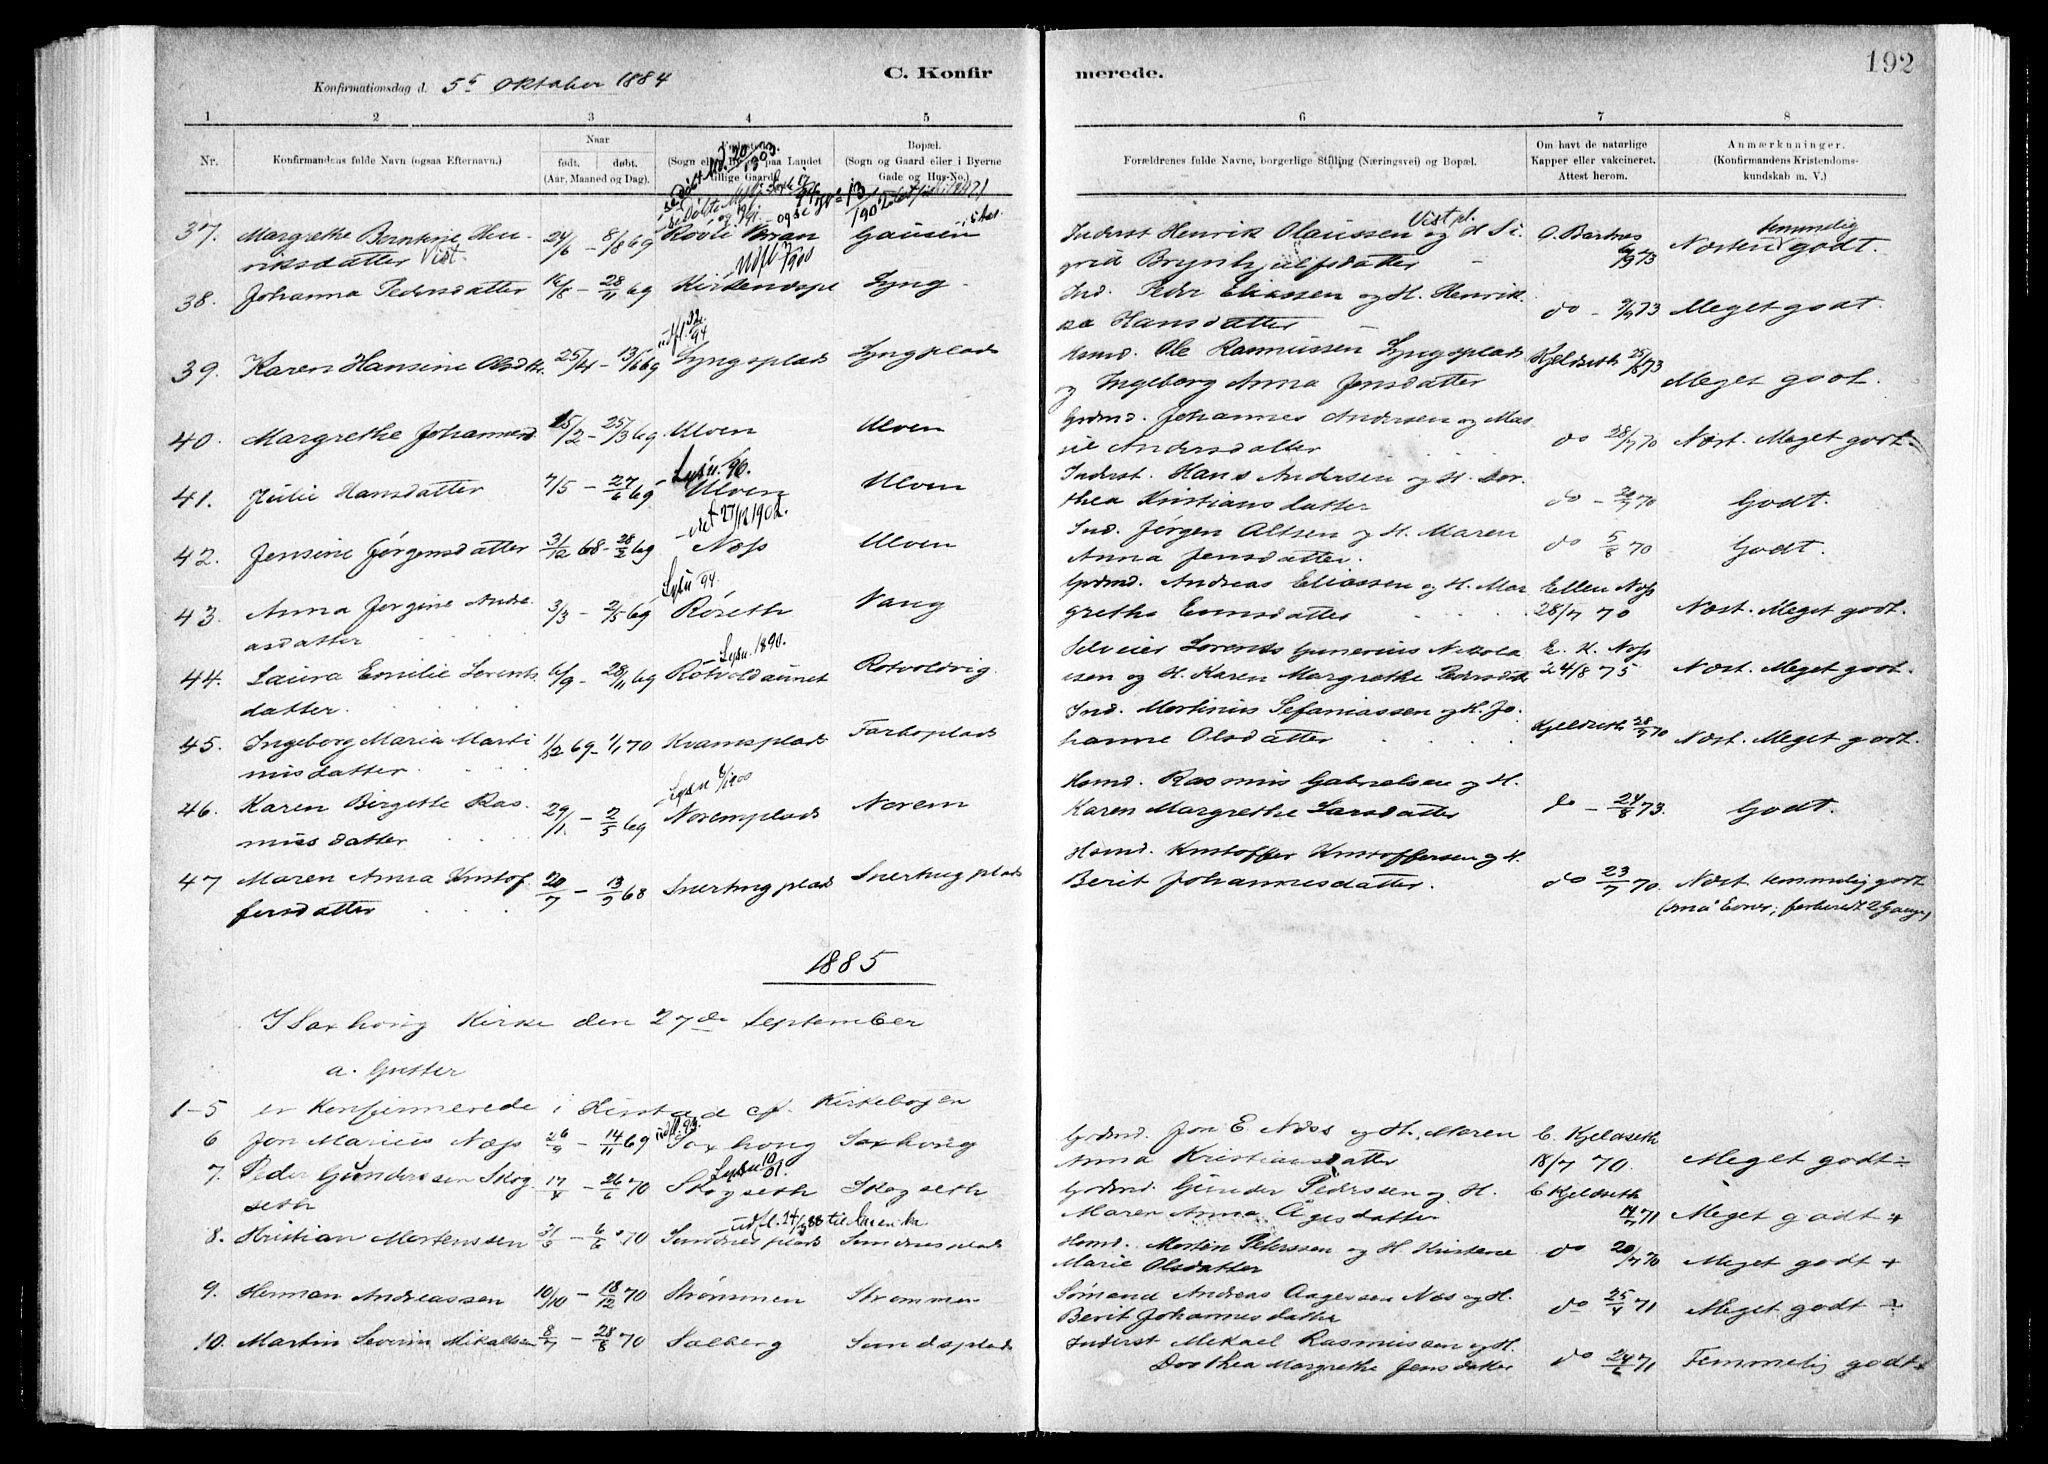 SAT, Ministerialprotokoller, klokkerbøker og fødselsregistre - Nord-Trøndelag, 730/L0285: Ministerialbok nr. 730A10, 1879-1914, s. 192